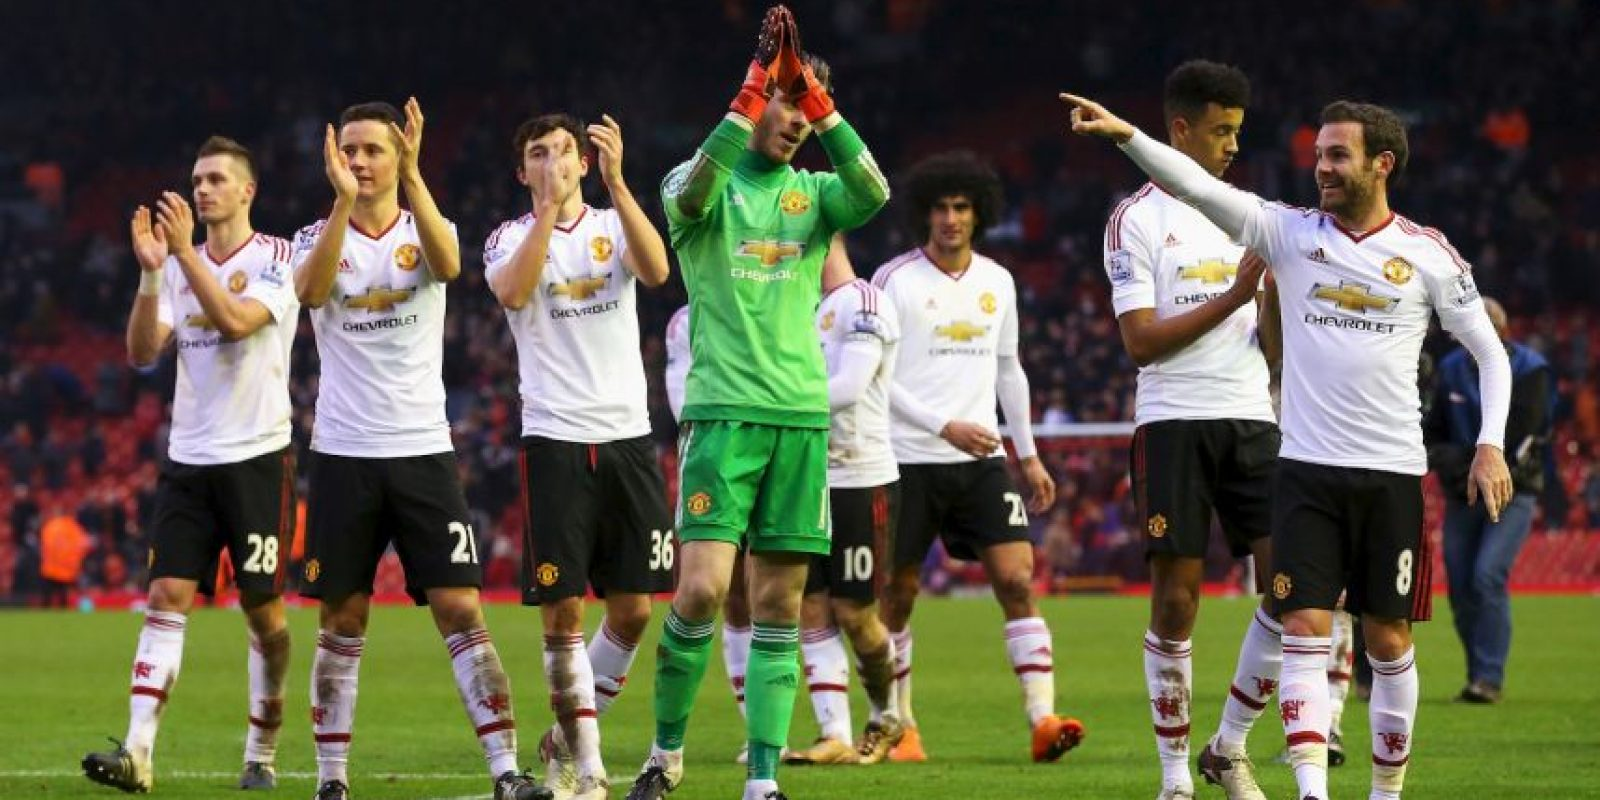 En tanto, Manchester United se ubica en el quinto puesto Foto:Getty Images